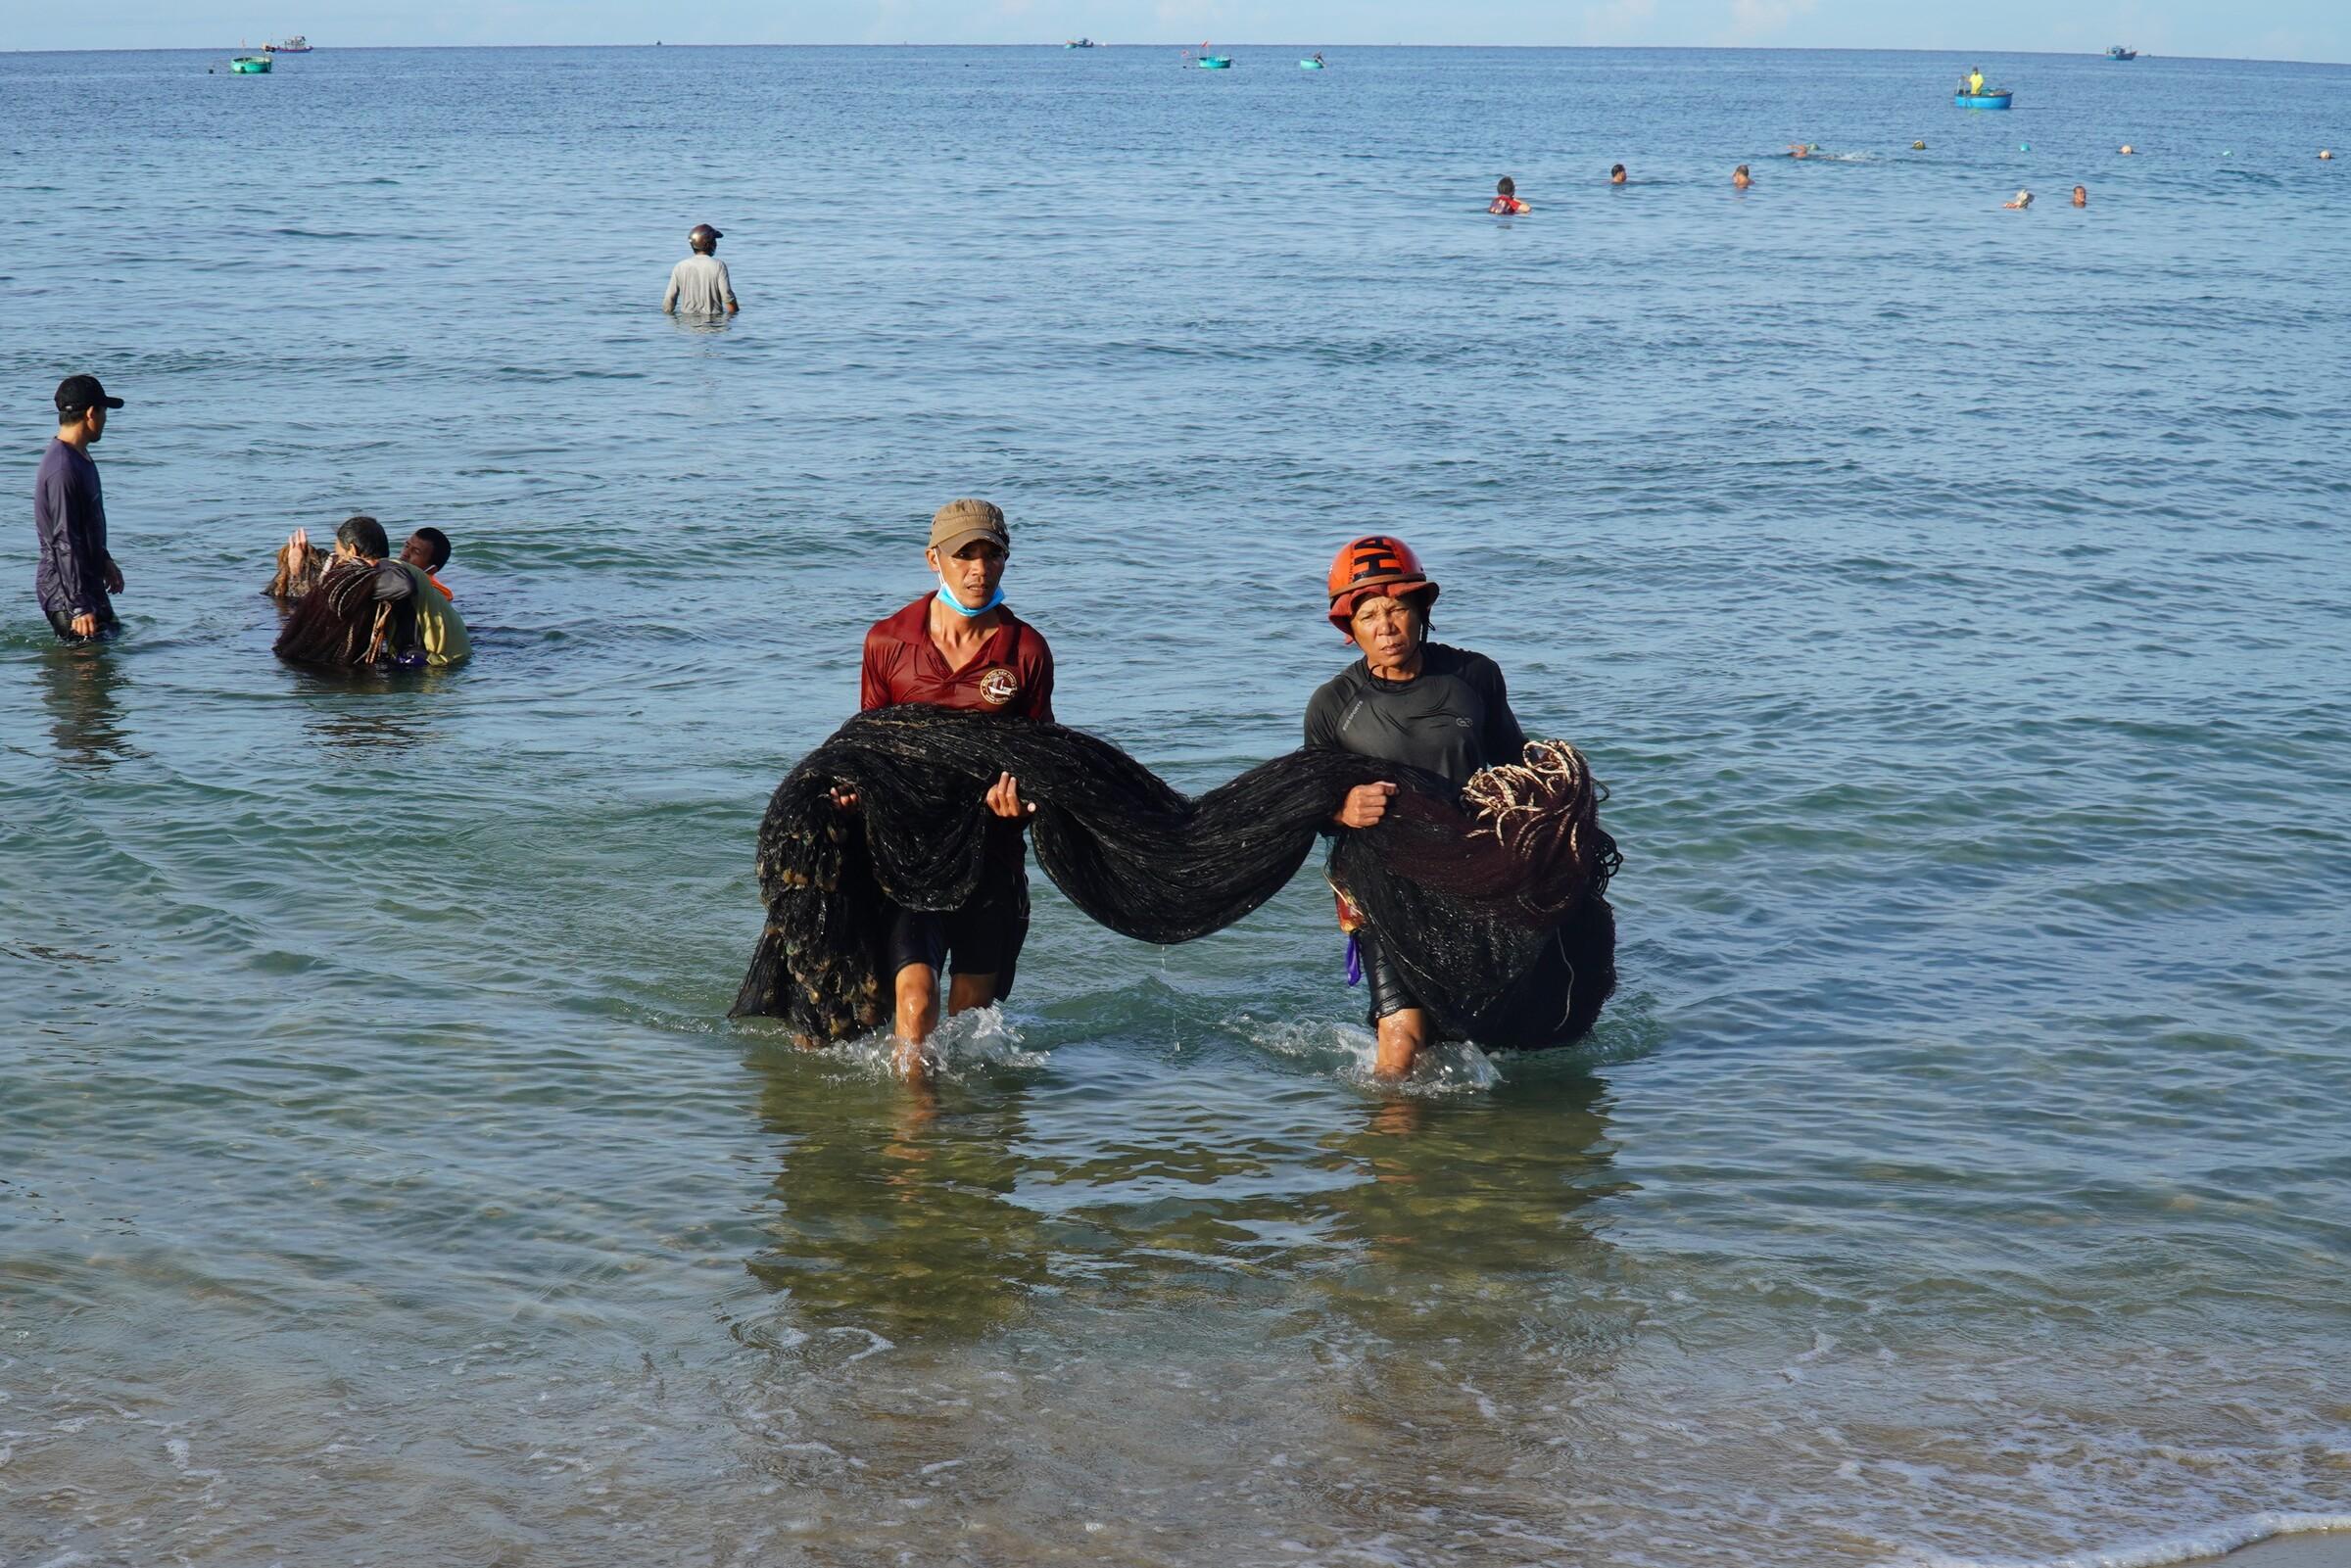 Ông Bùi Đức Minh (bên phải) cùng đồng nghiệp khiêng lưới ruốc lên bờ sau mẻ đánh. Ảnh: Việt Quốc.